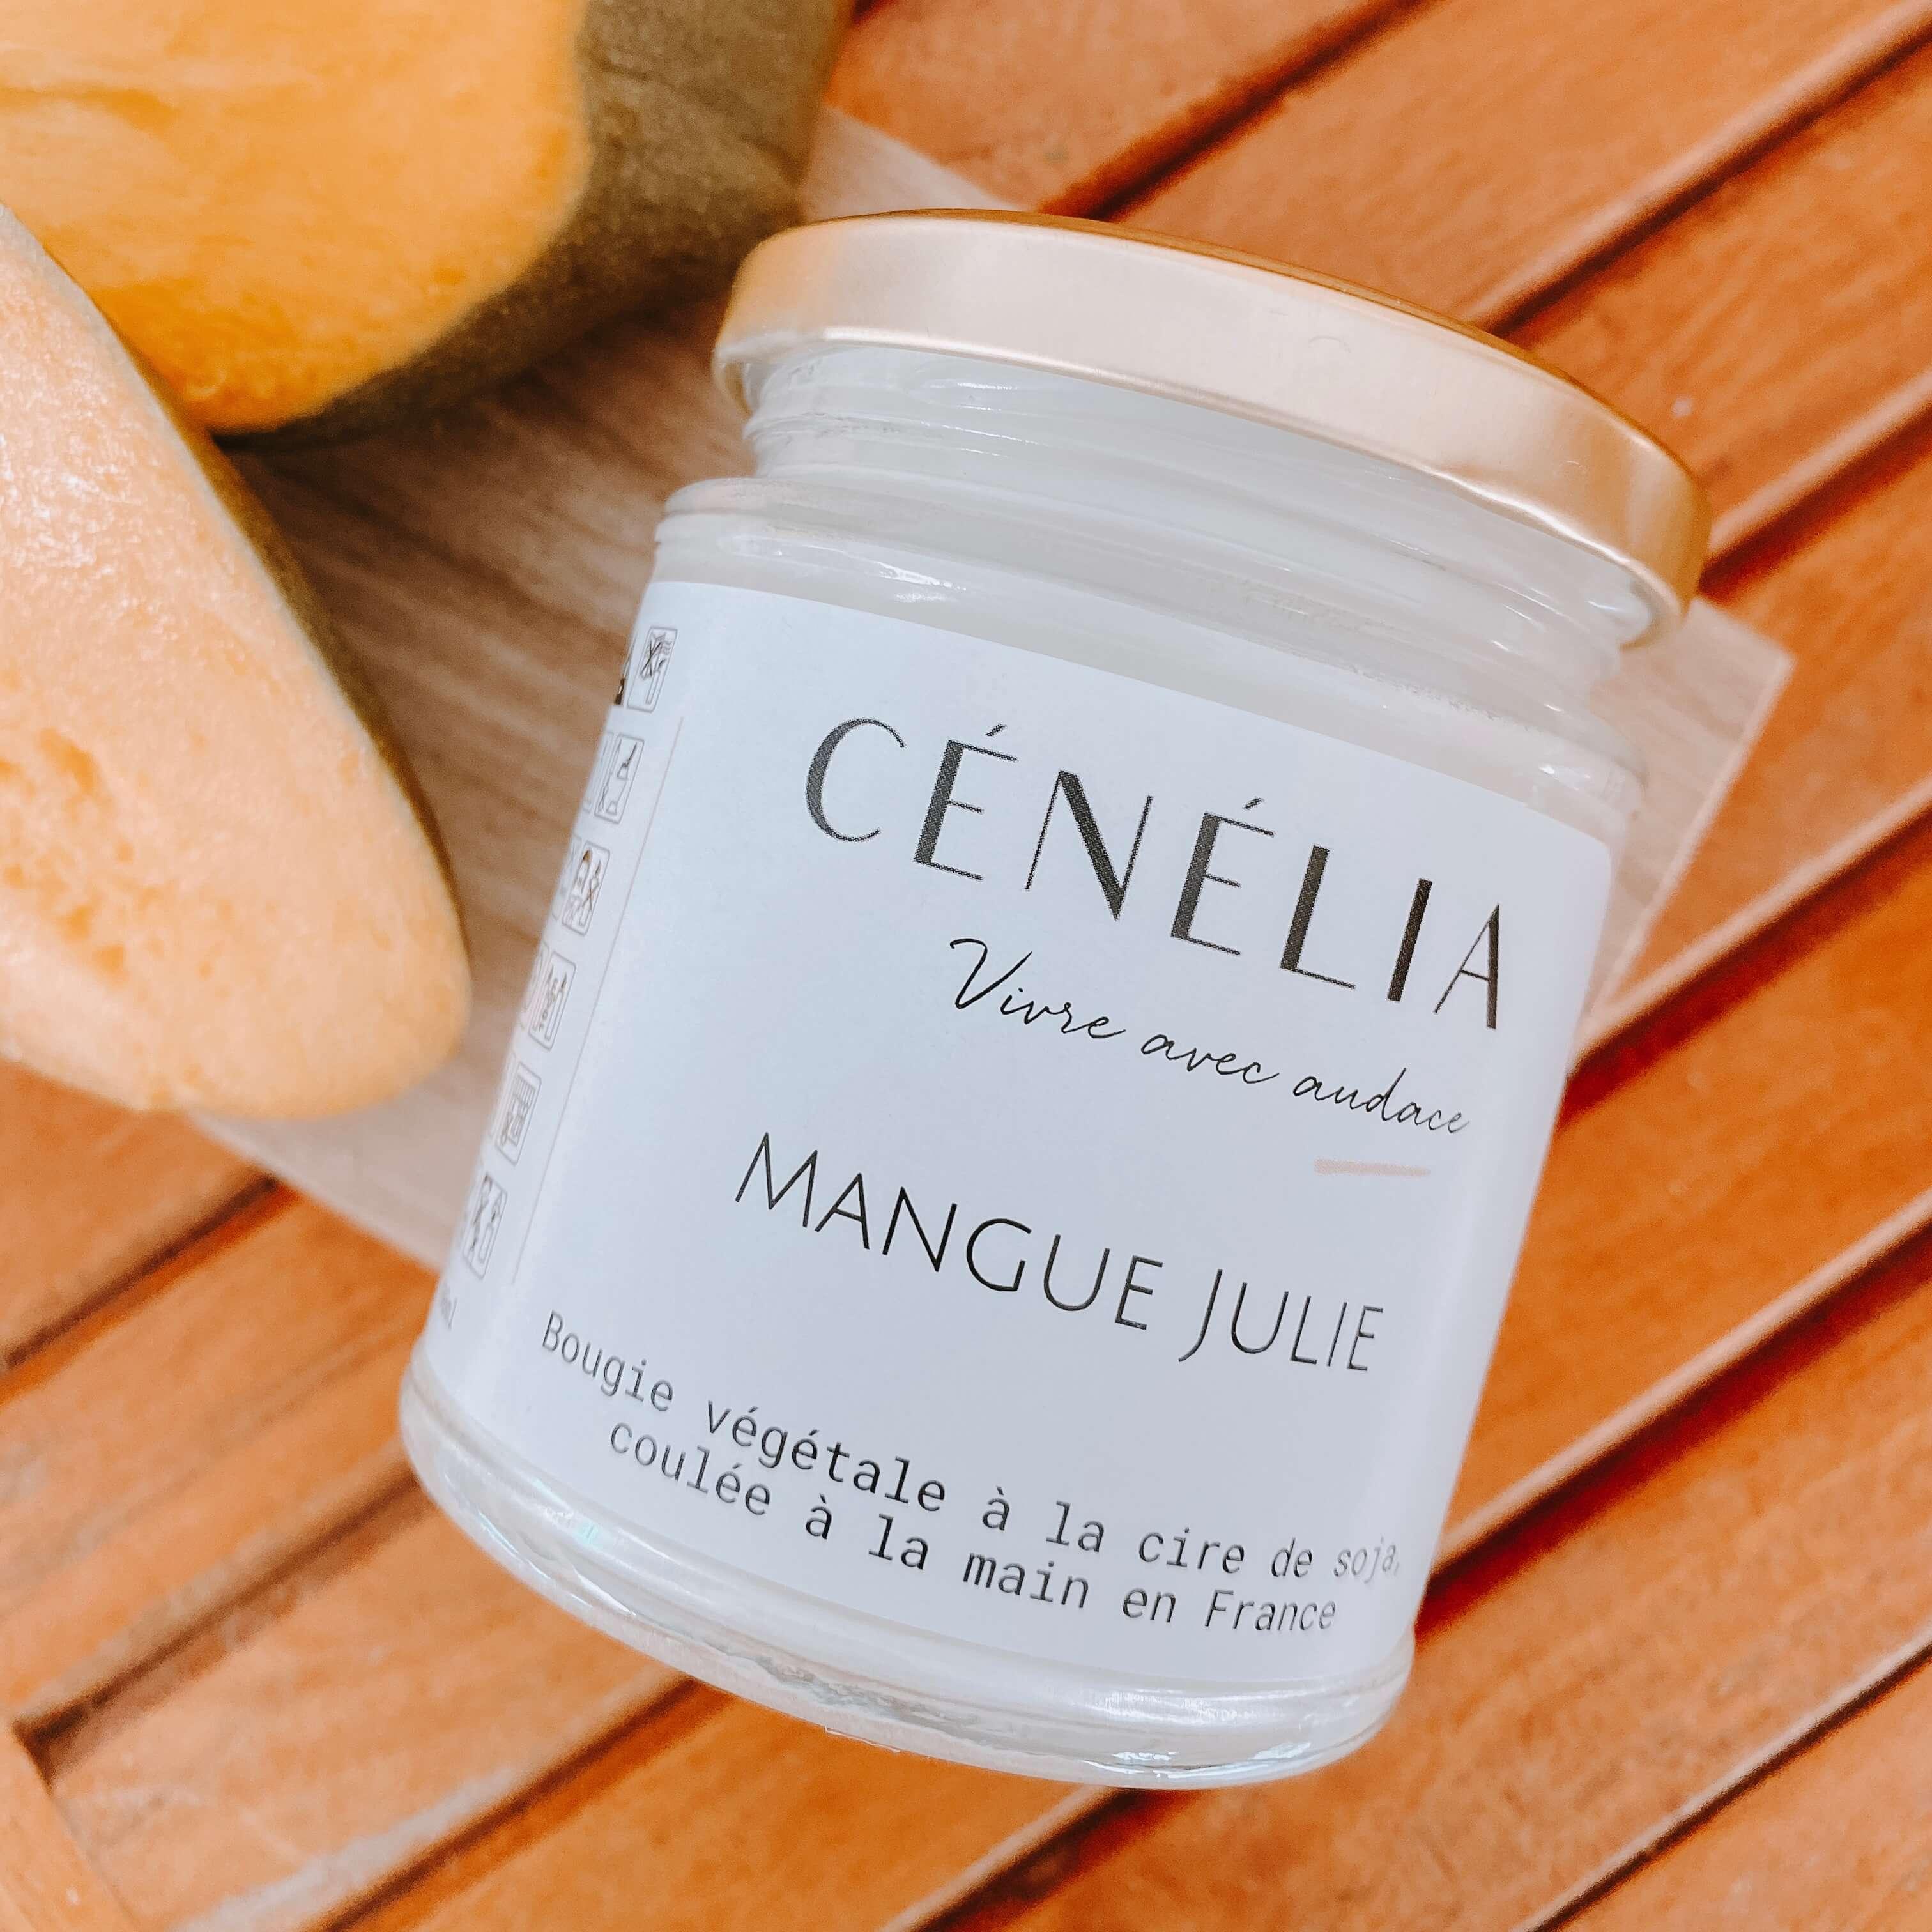 bougie à la mangue - bougie naturelle fruitée Cénélia